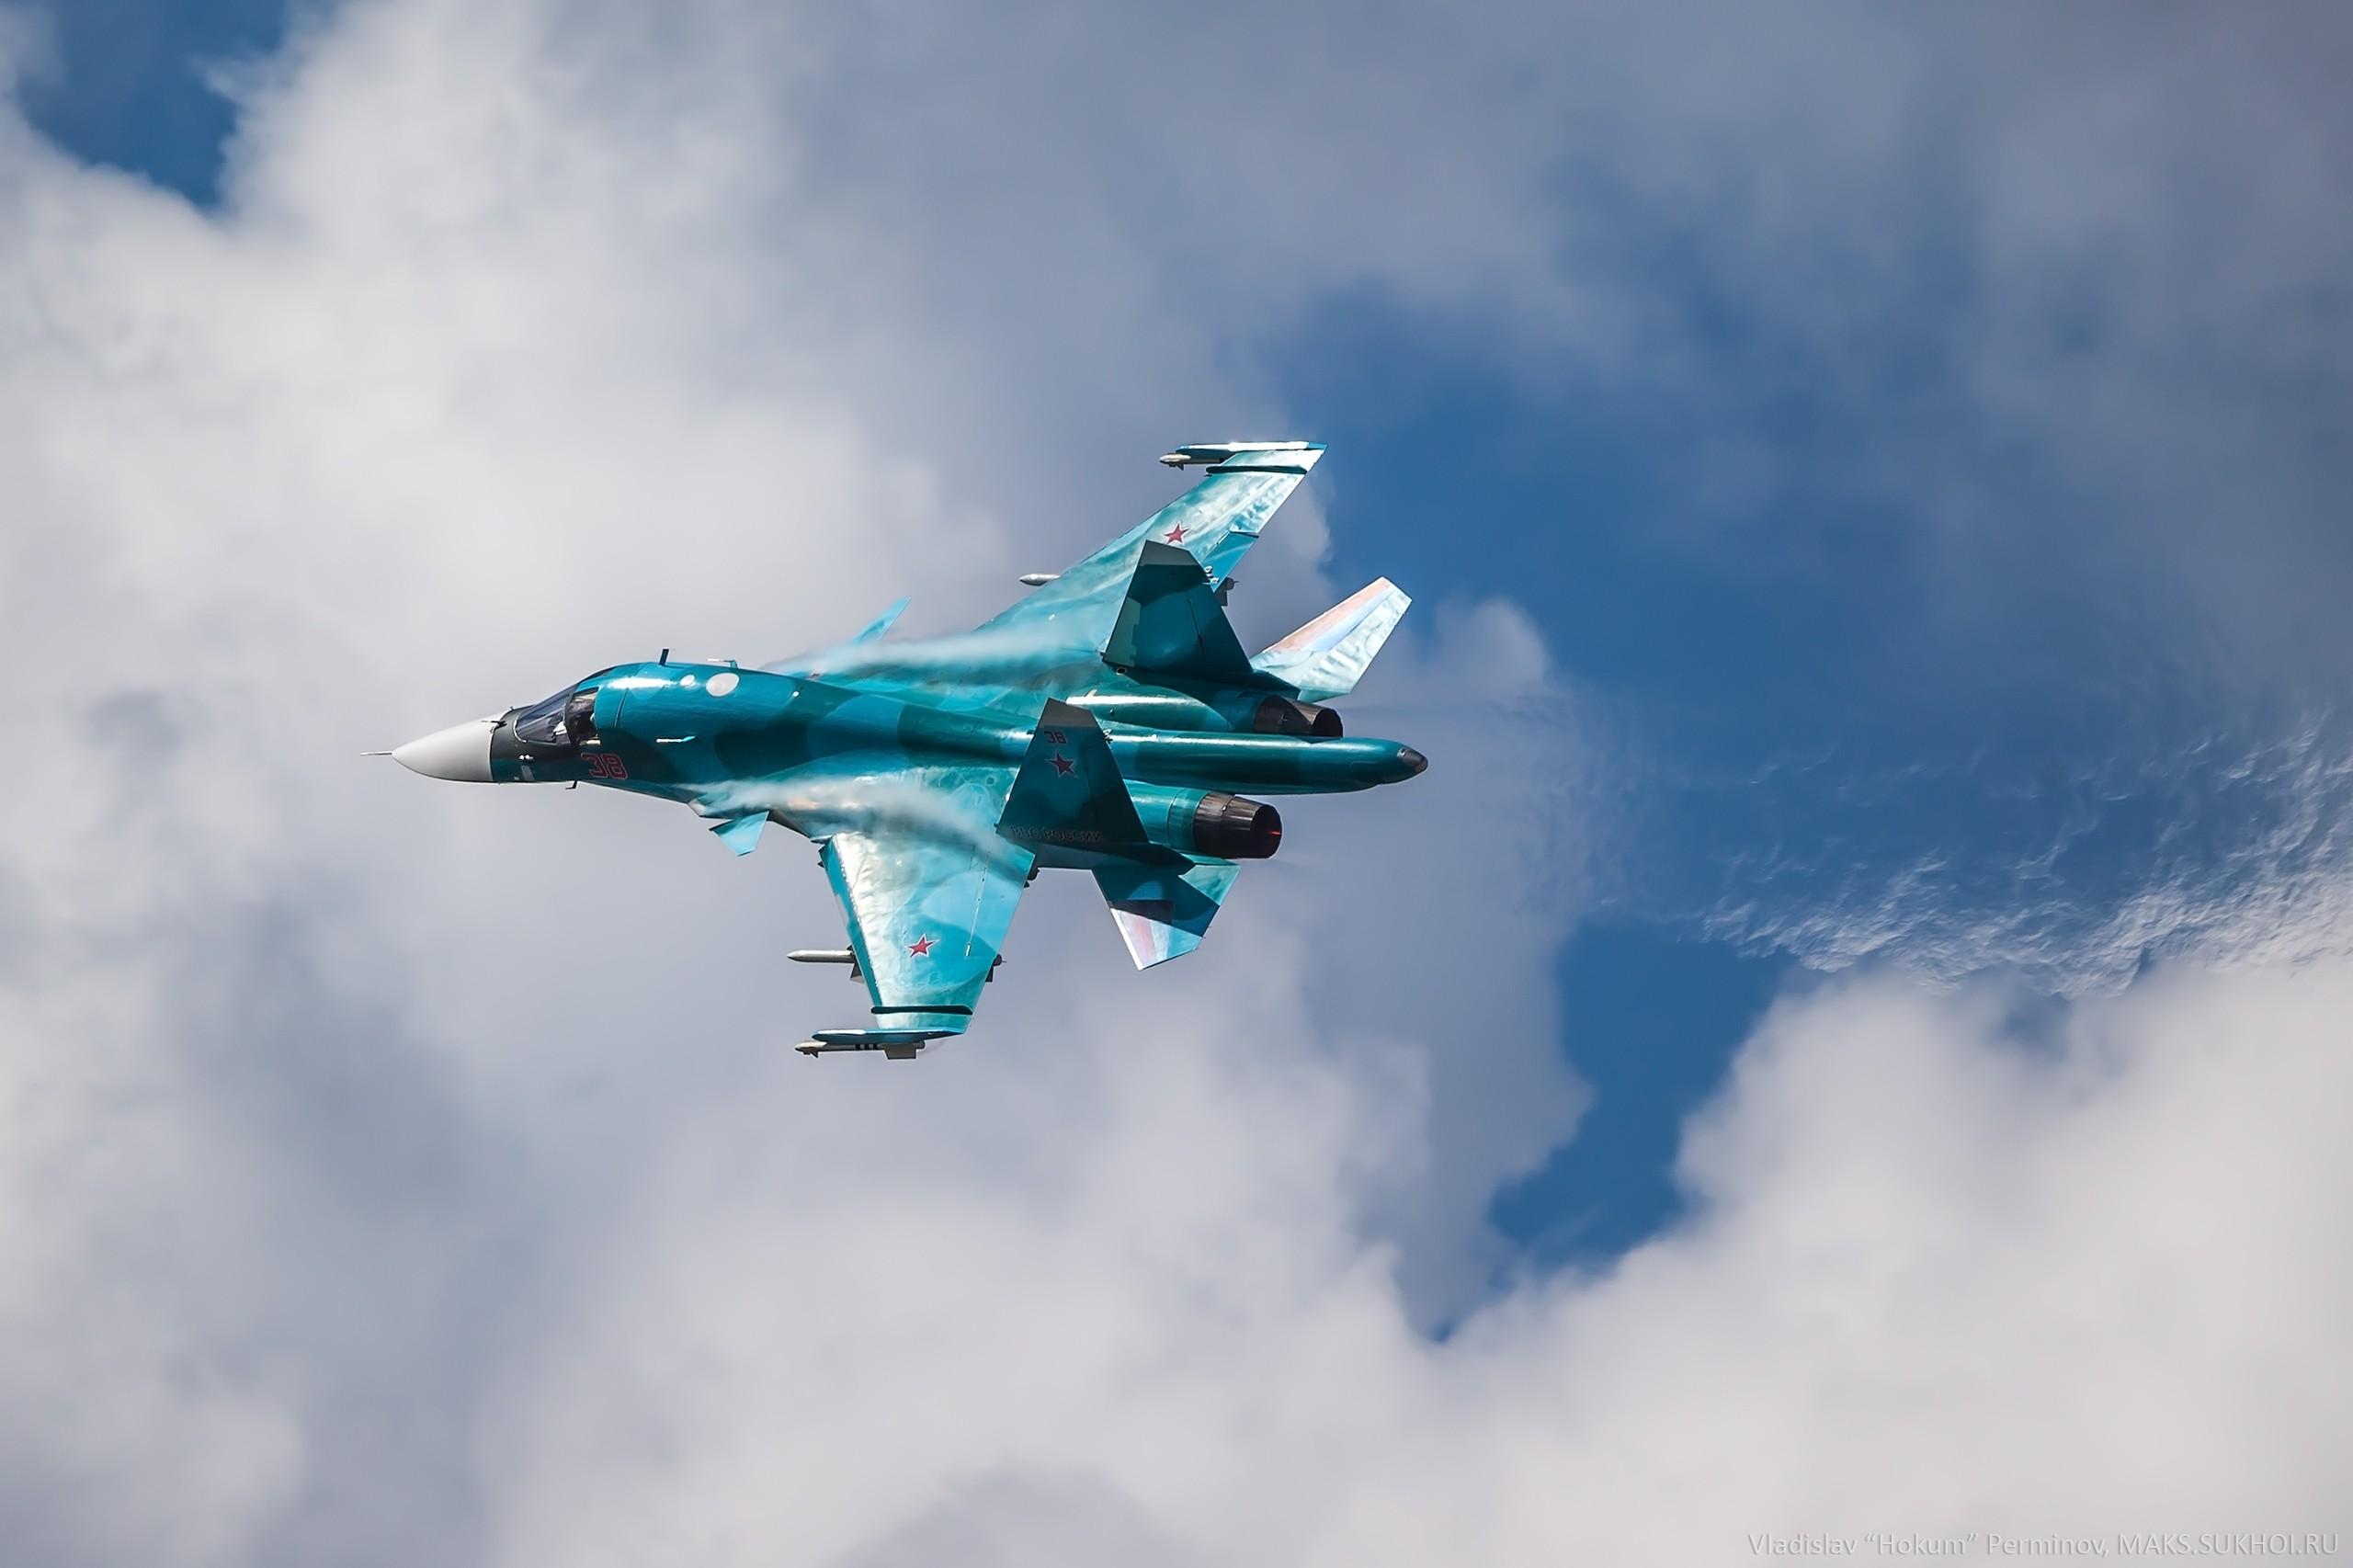 обои на телефон самолеты россии состава отв позволяет